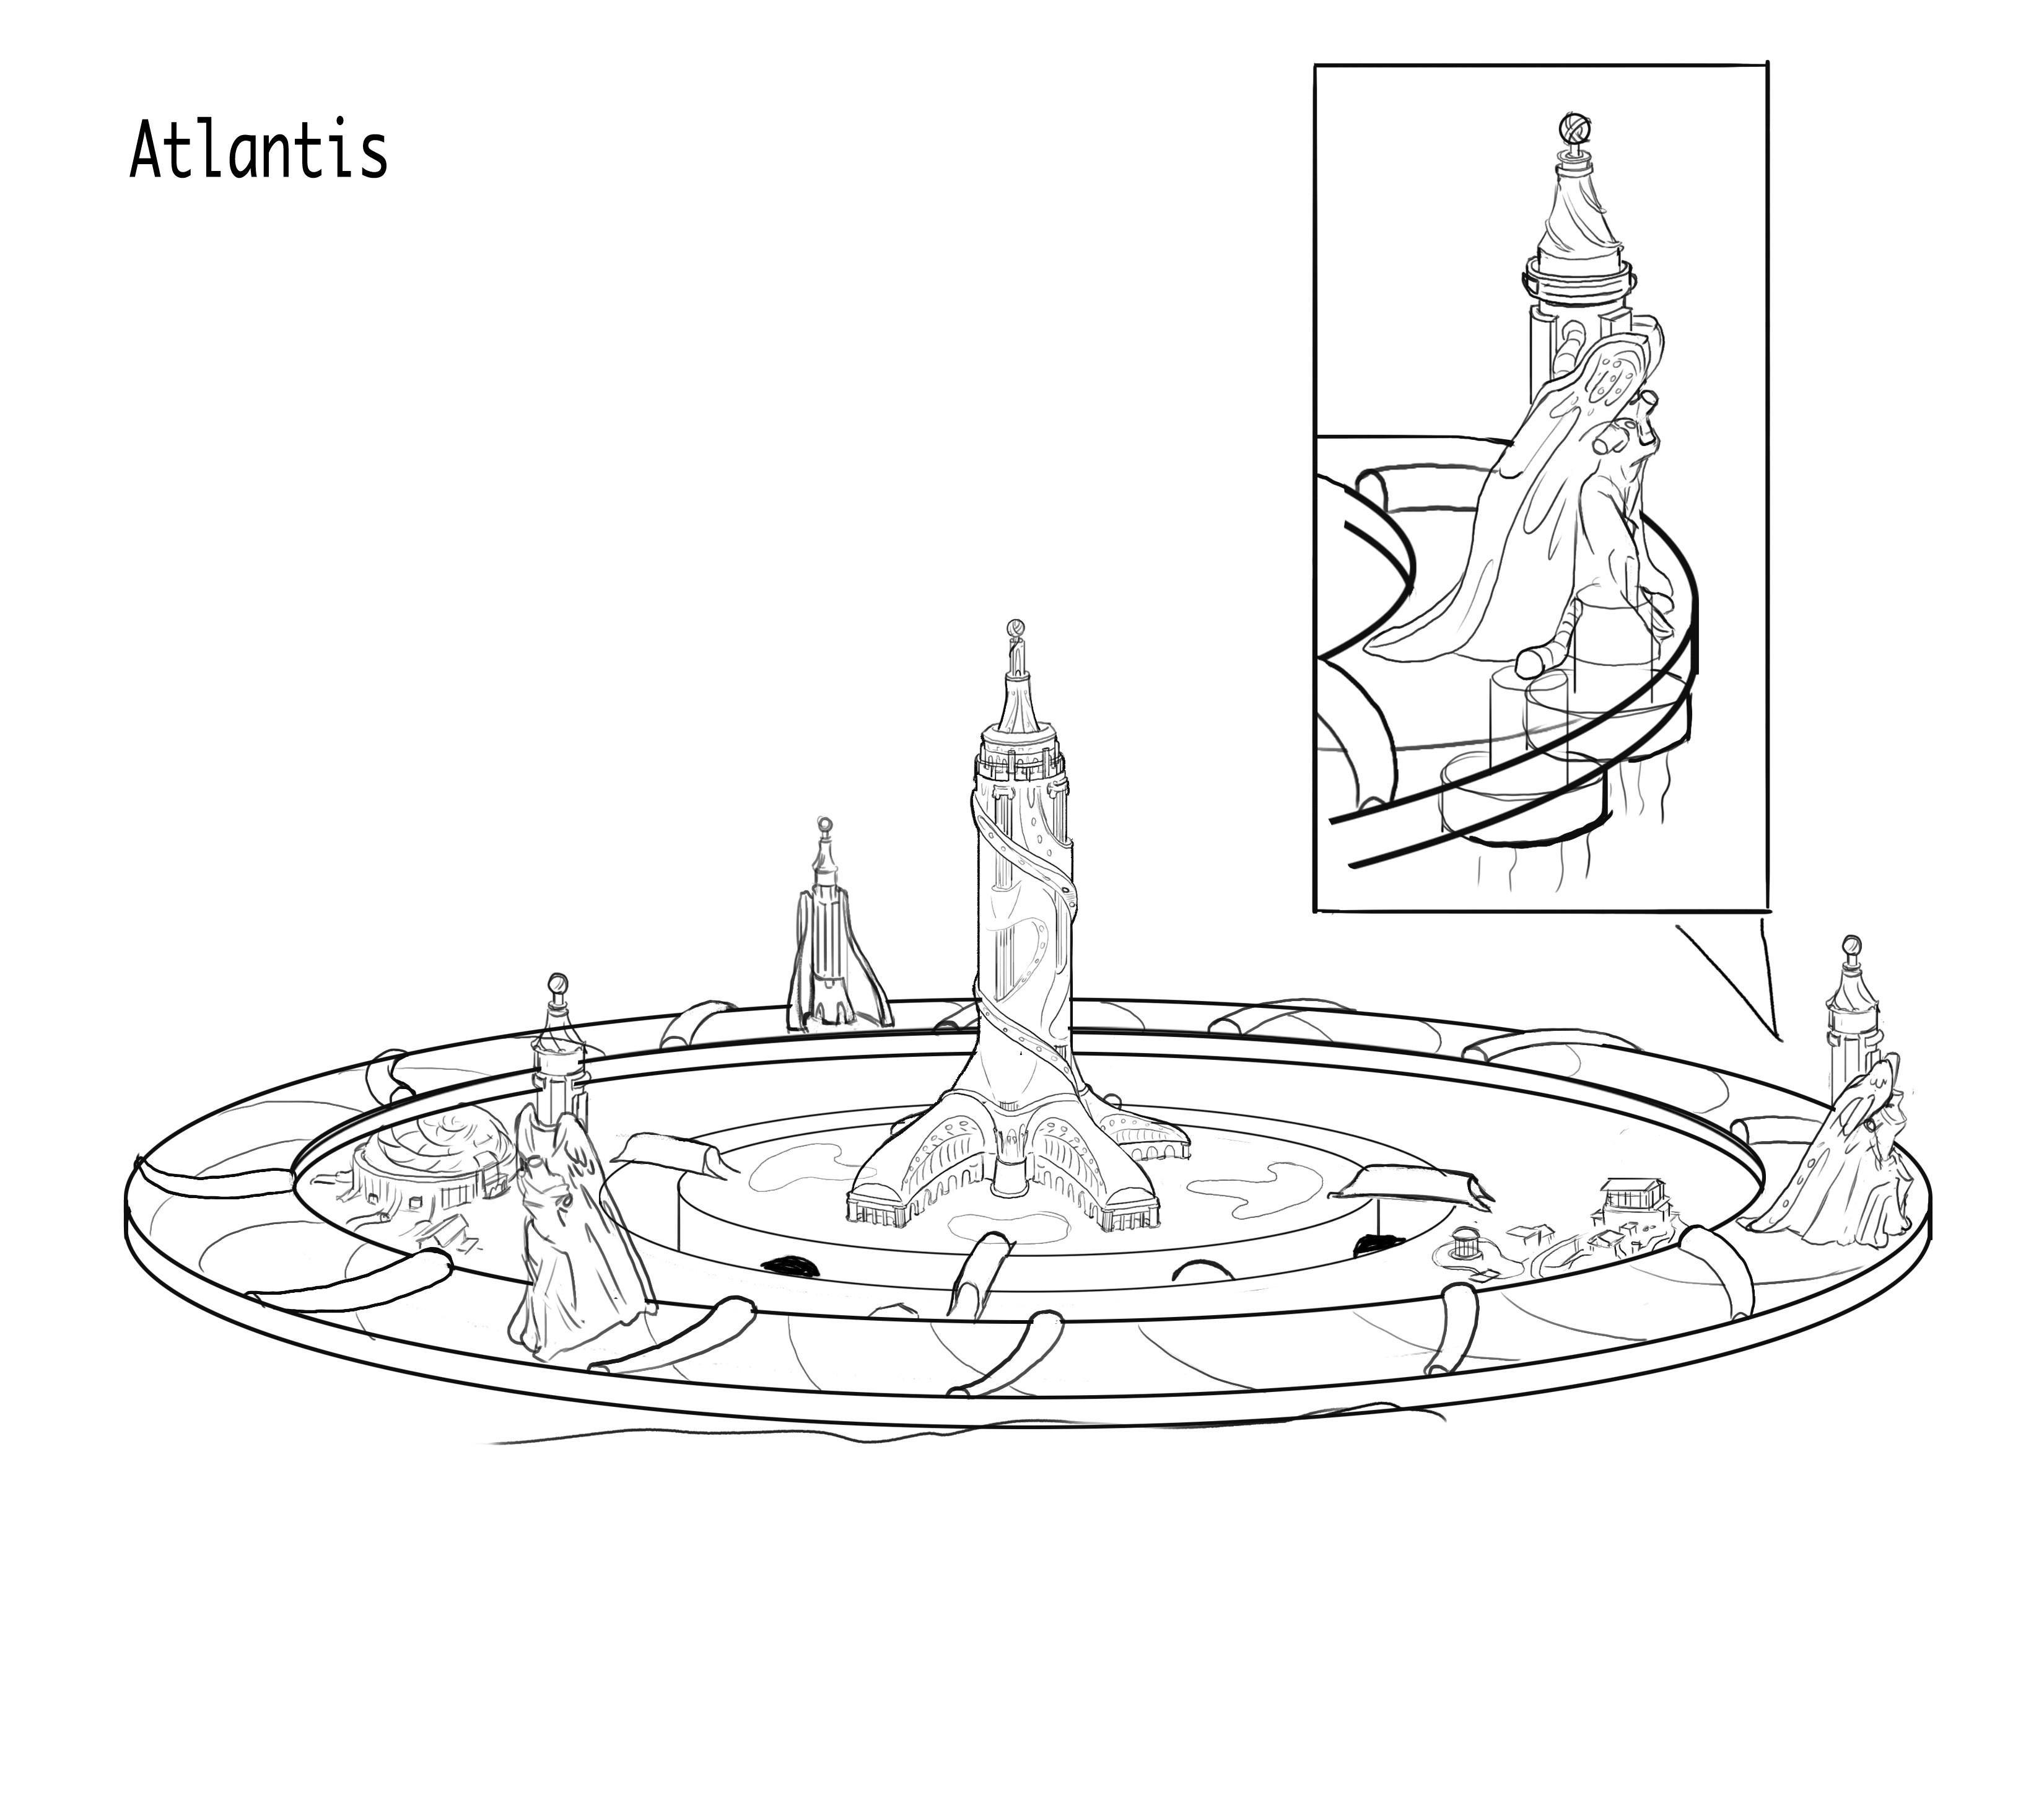 a first design of Atlantis